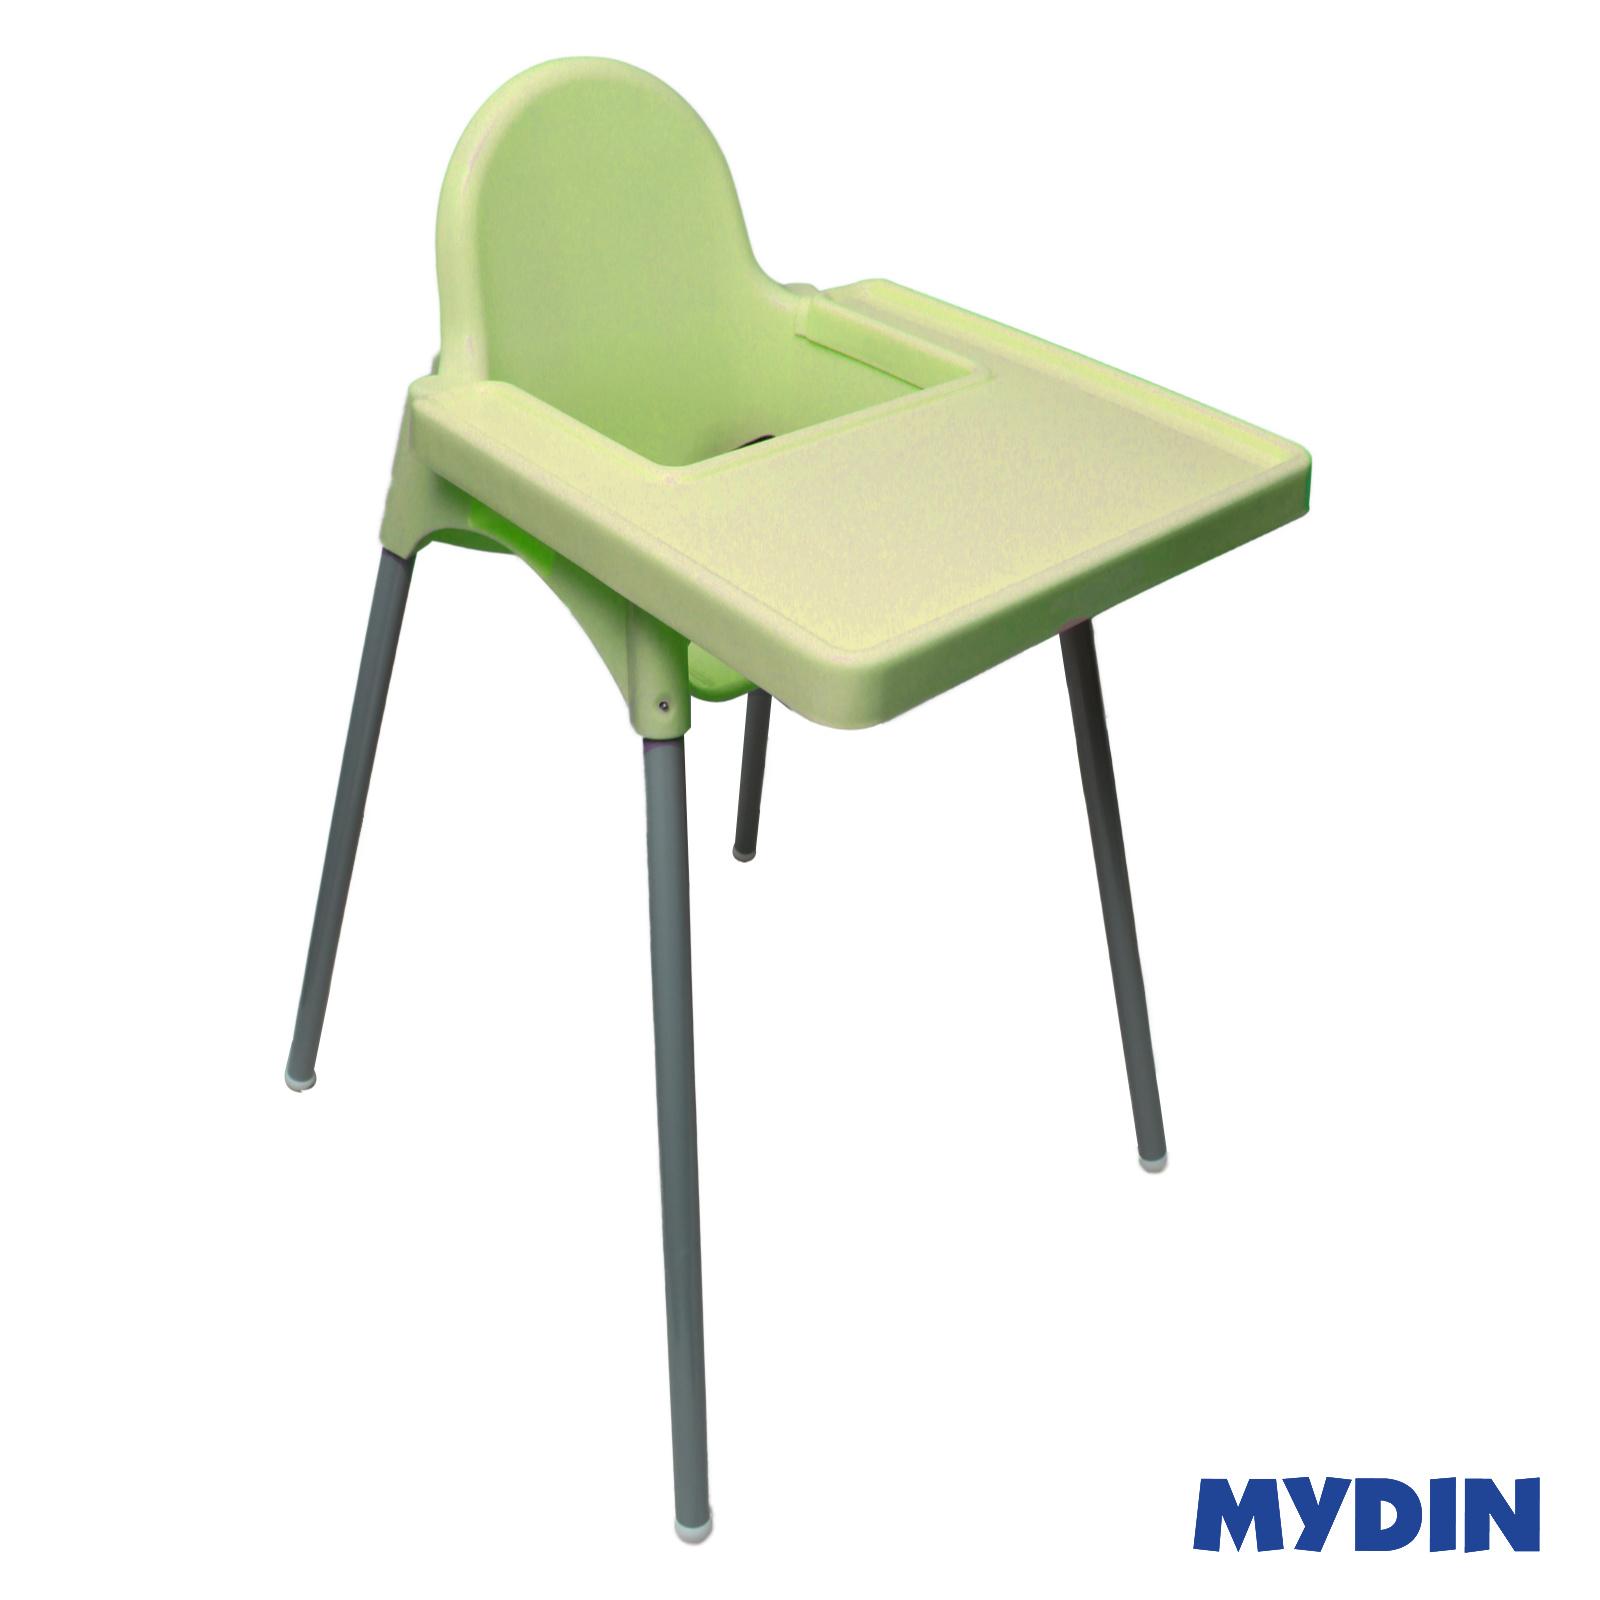 MYBB Portable Baby Feeding Dining Chair Green 0820YW-HE02A